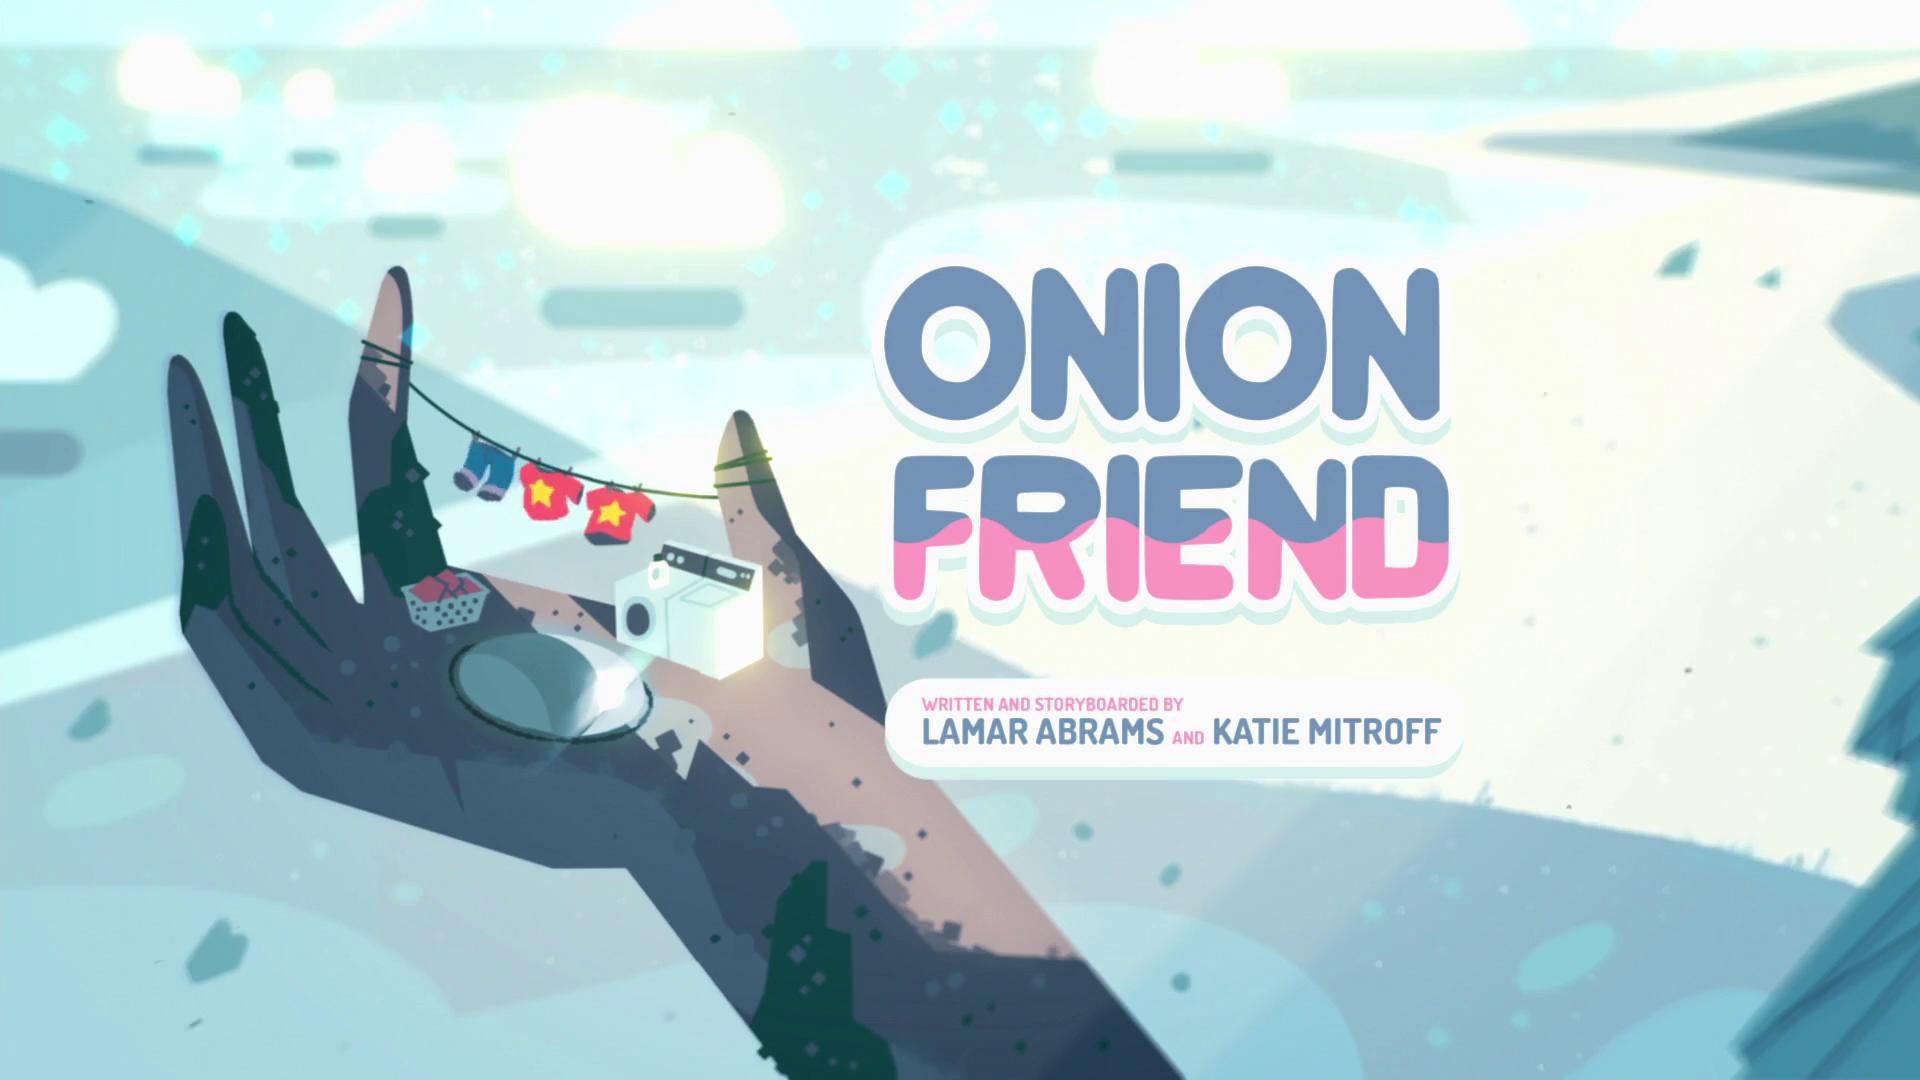 Onion Friend/Gallery